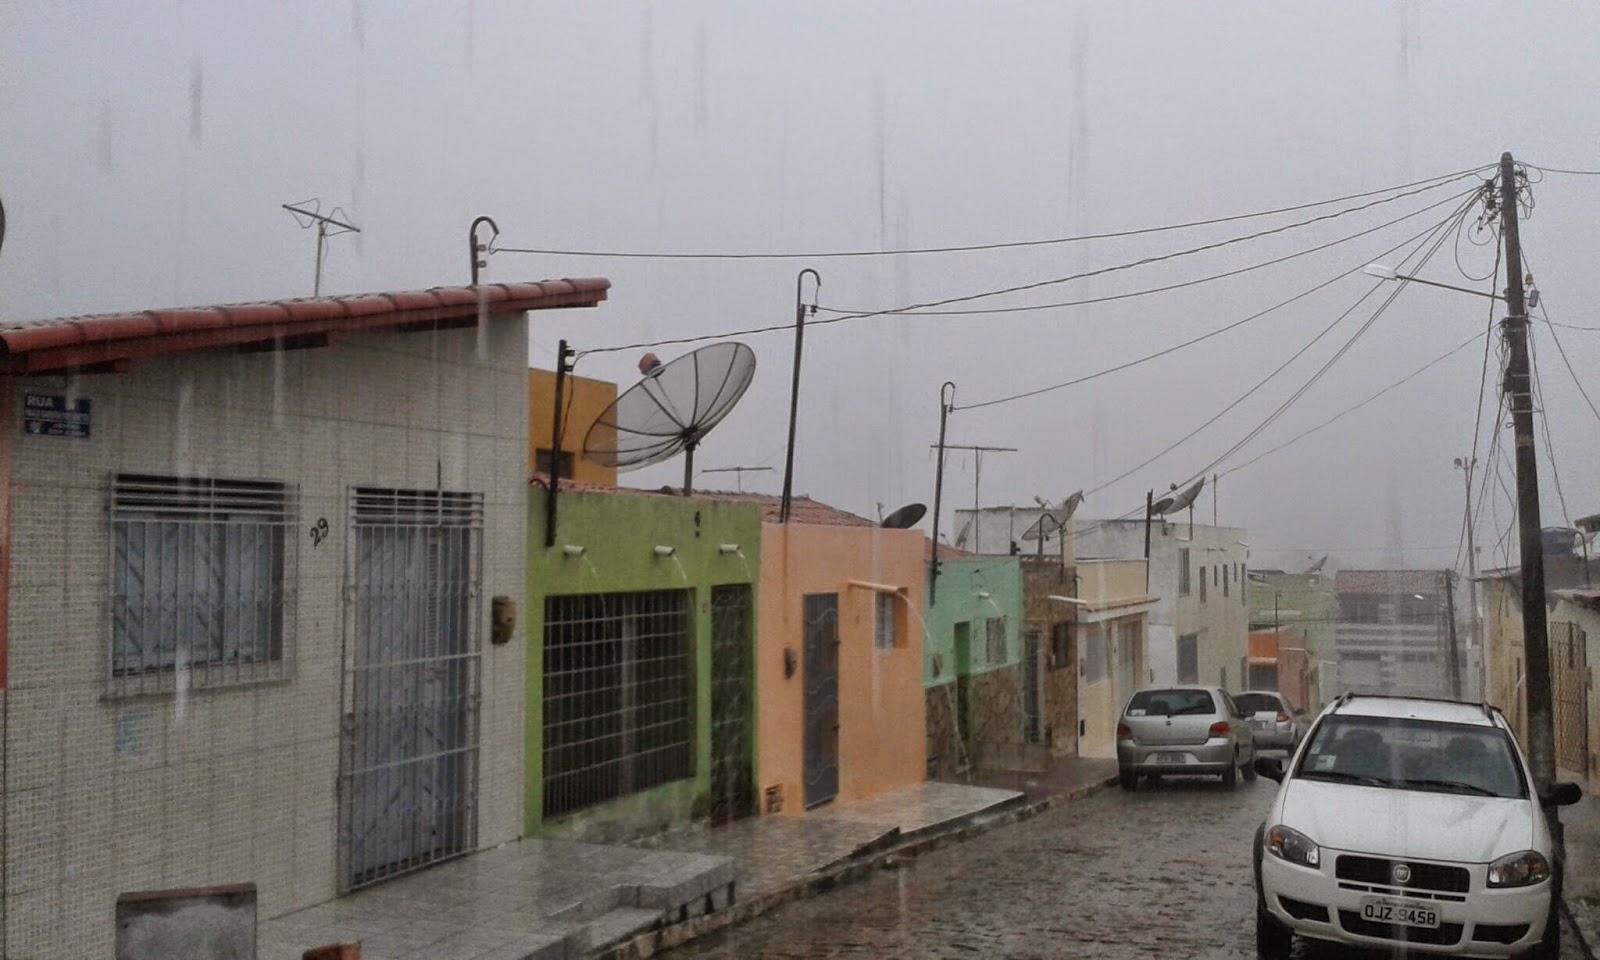 FOTO: Chove em São Paulo do Potengi nesse momento - Diário do Potengi